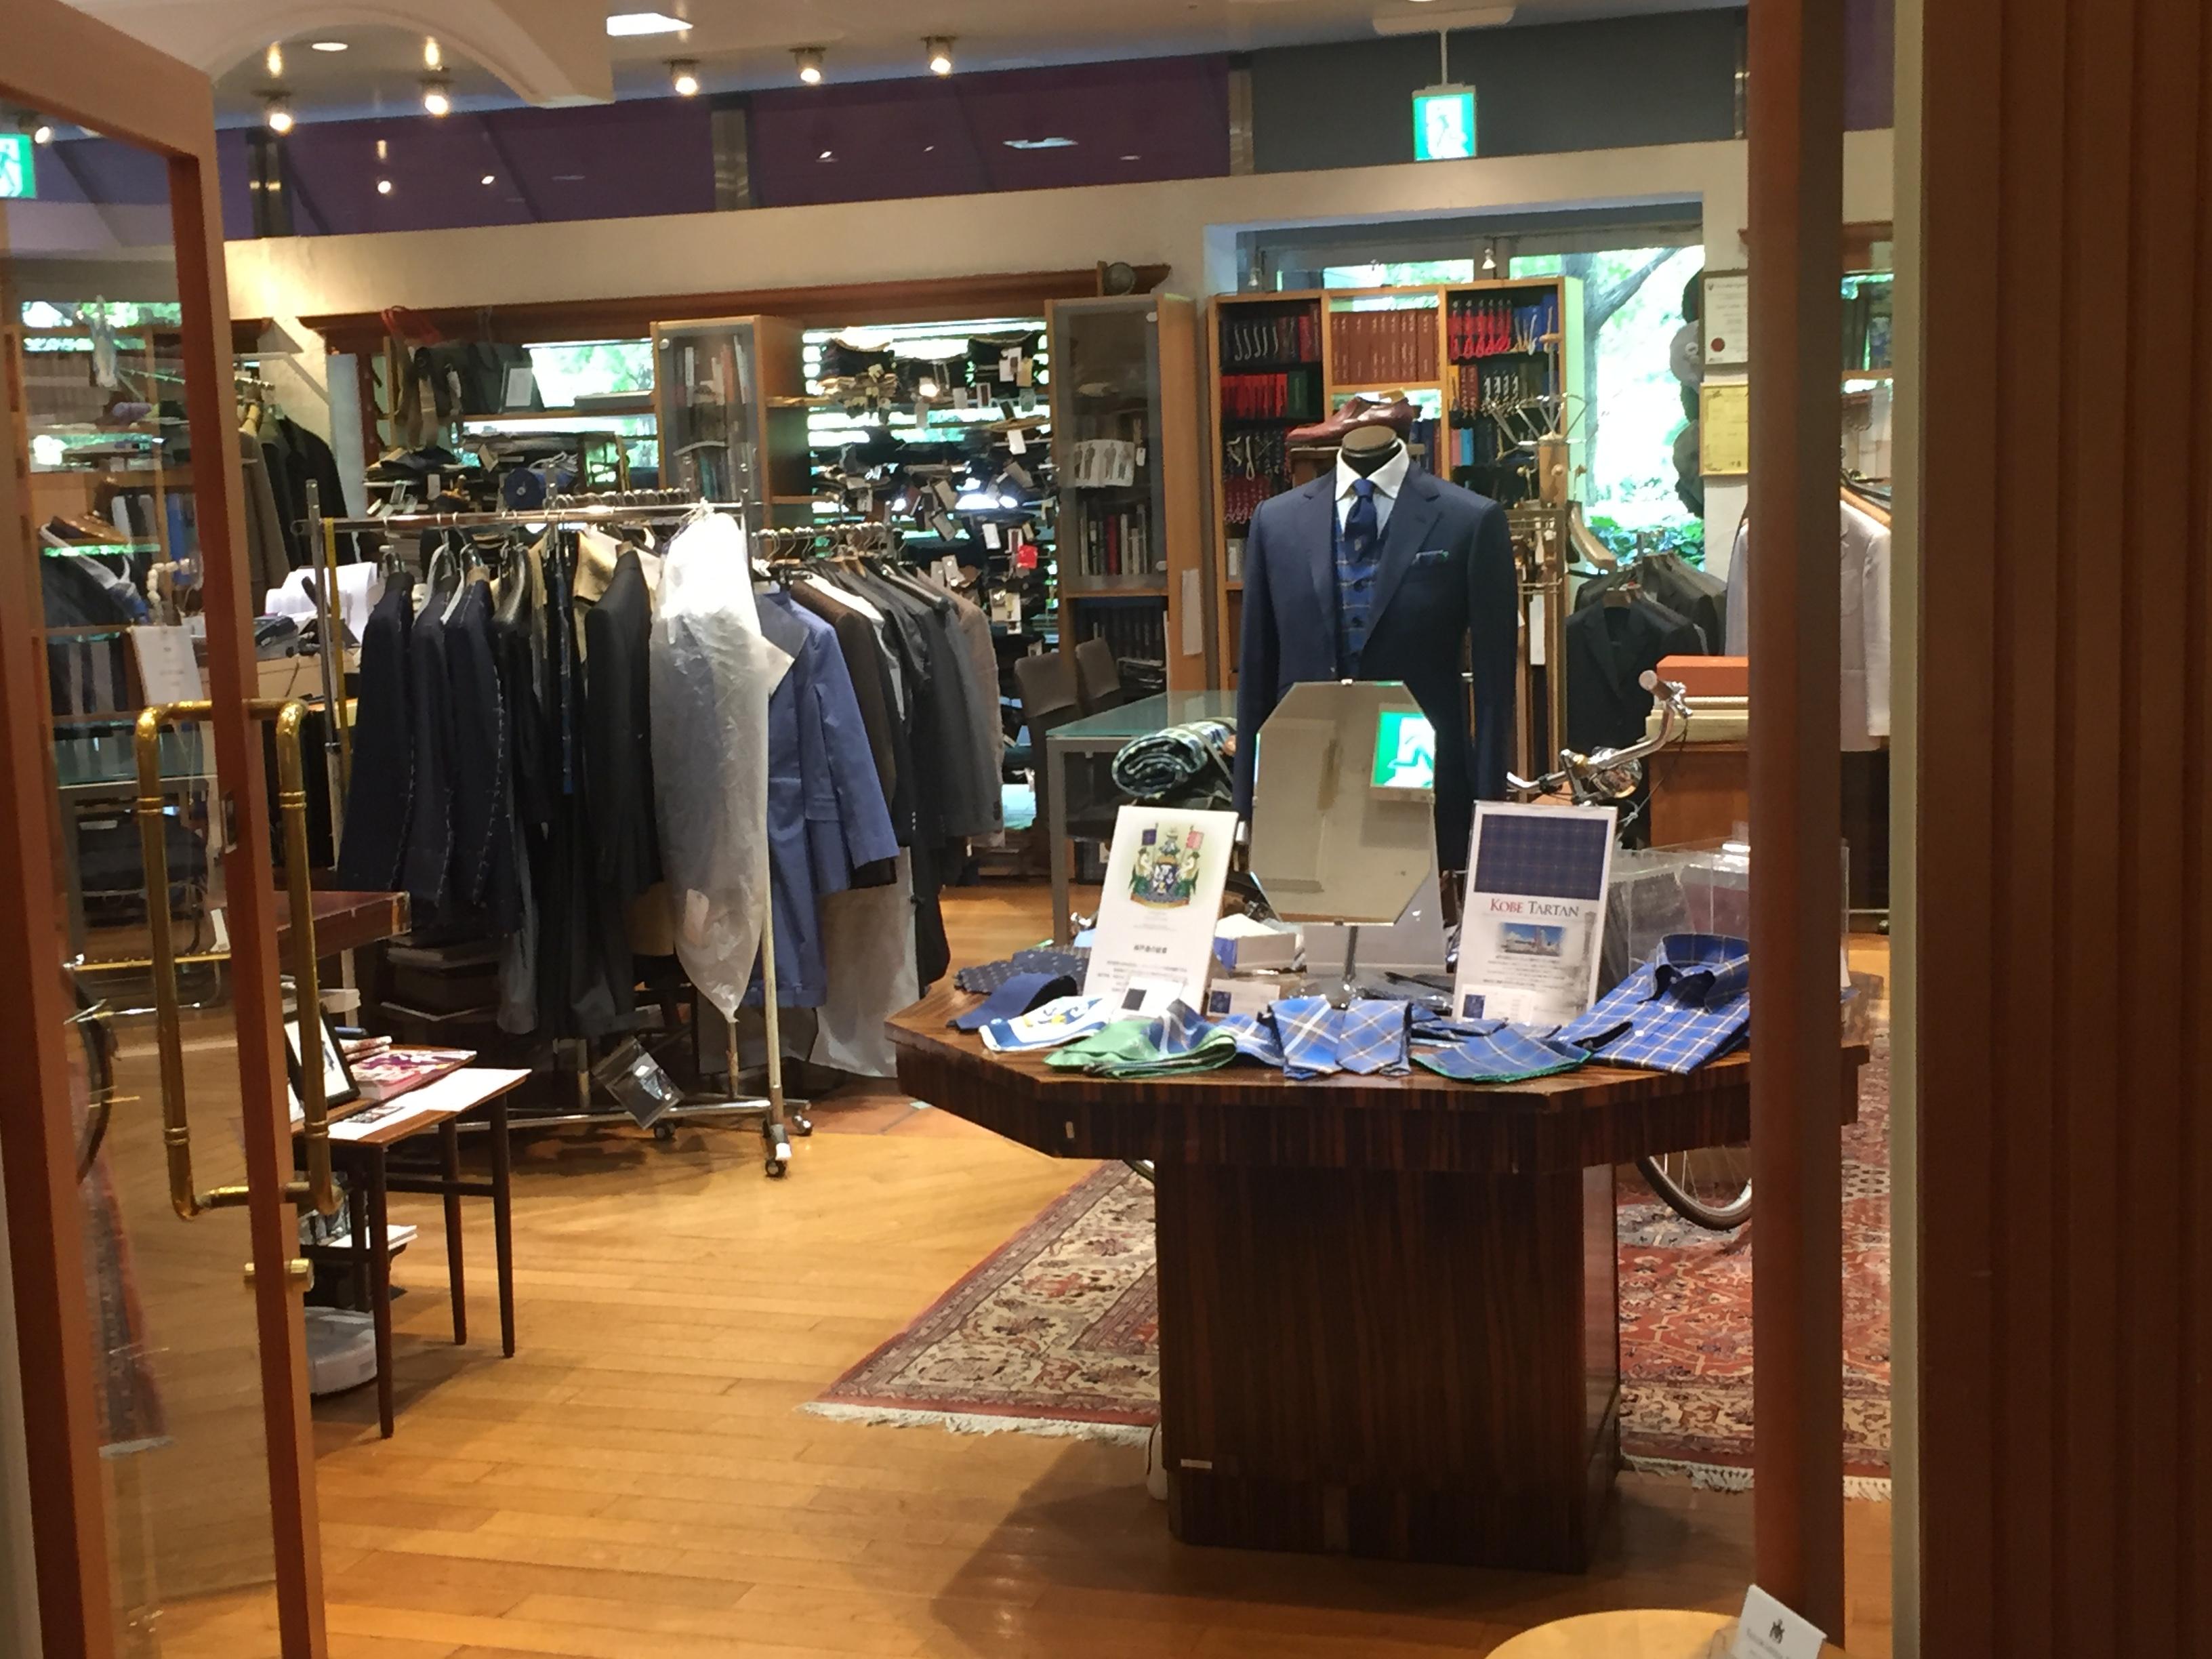 神戸・六甲アイランドの「石田洋服店」で「神戸タータン(KOBE TARTAN)」のネクタイやシャツが購入できるよ #神戸開港150年